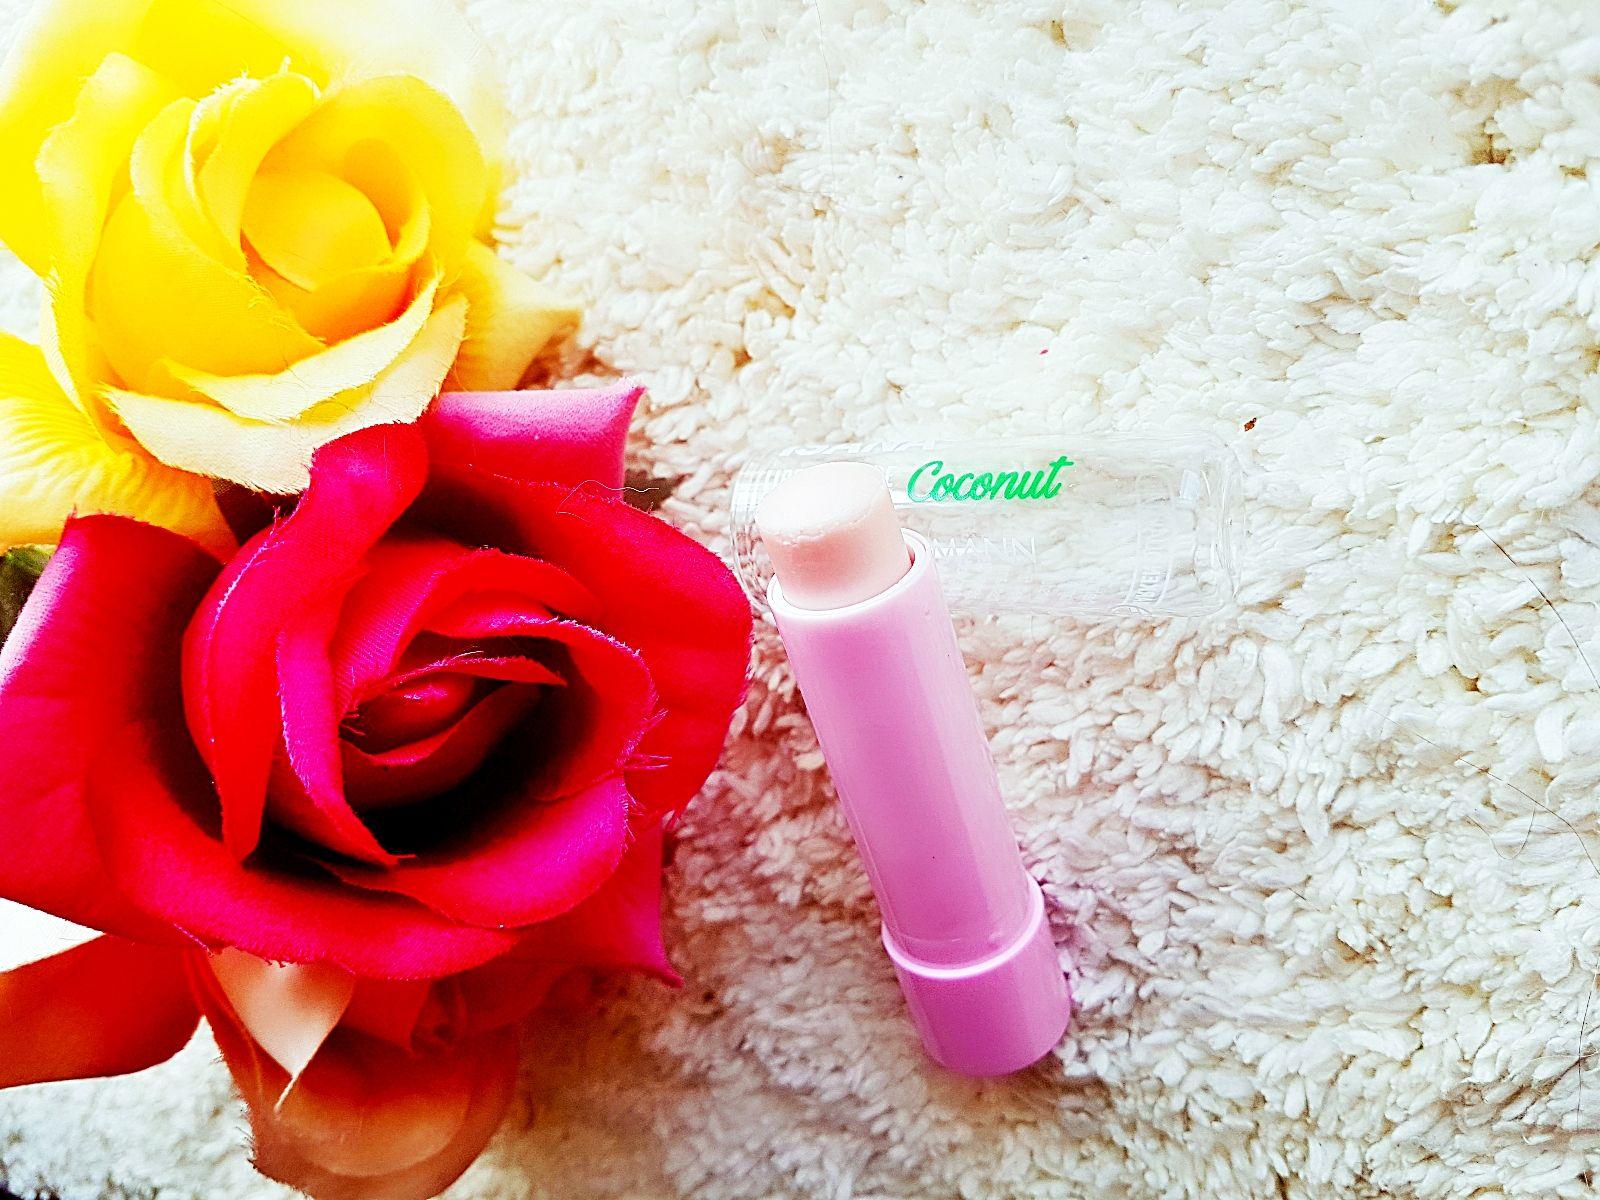 Isana Lippenpflege Coconut